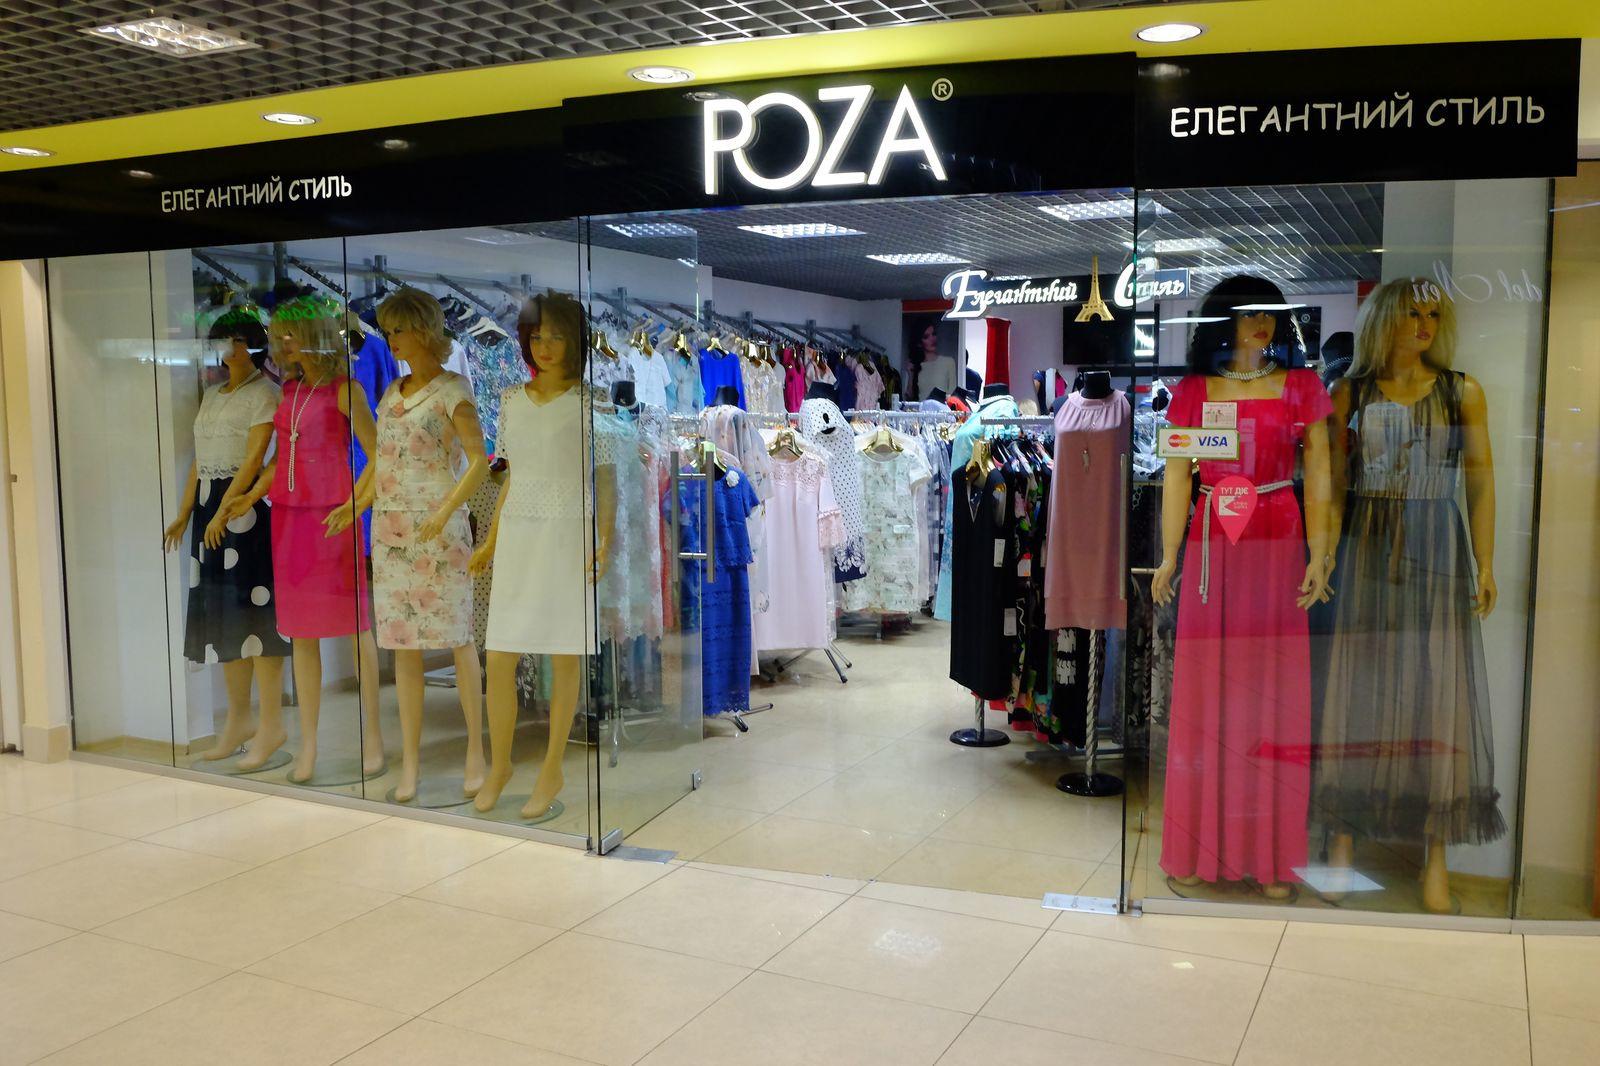 Вітаємо магазин POZA з відкриттям на -1 поверсі ТРЦ